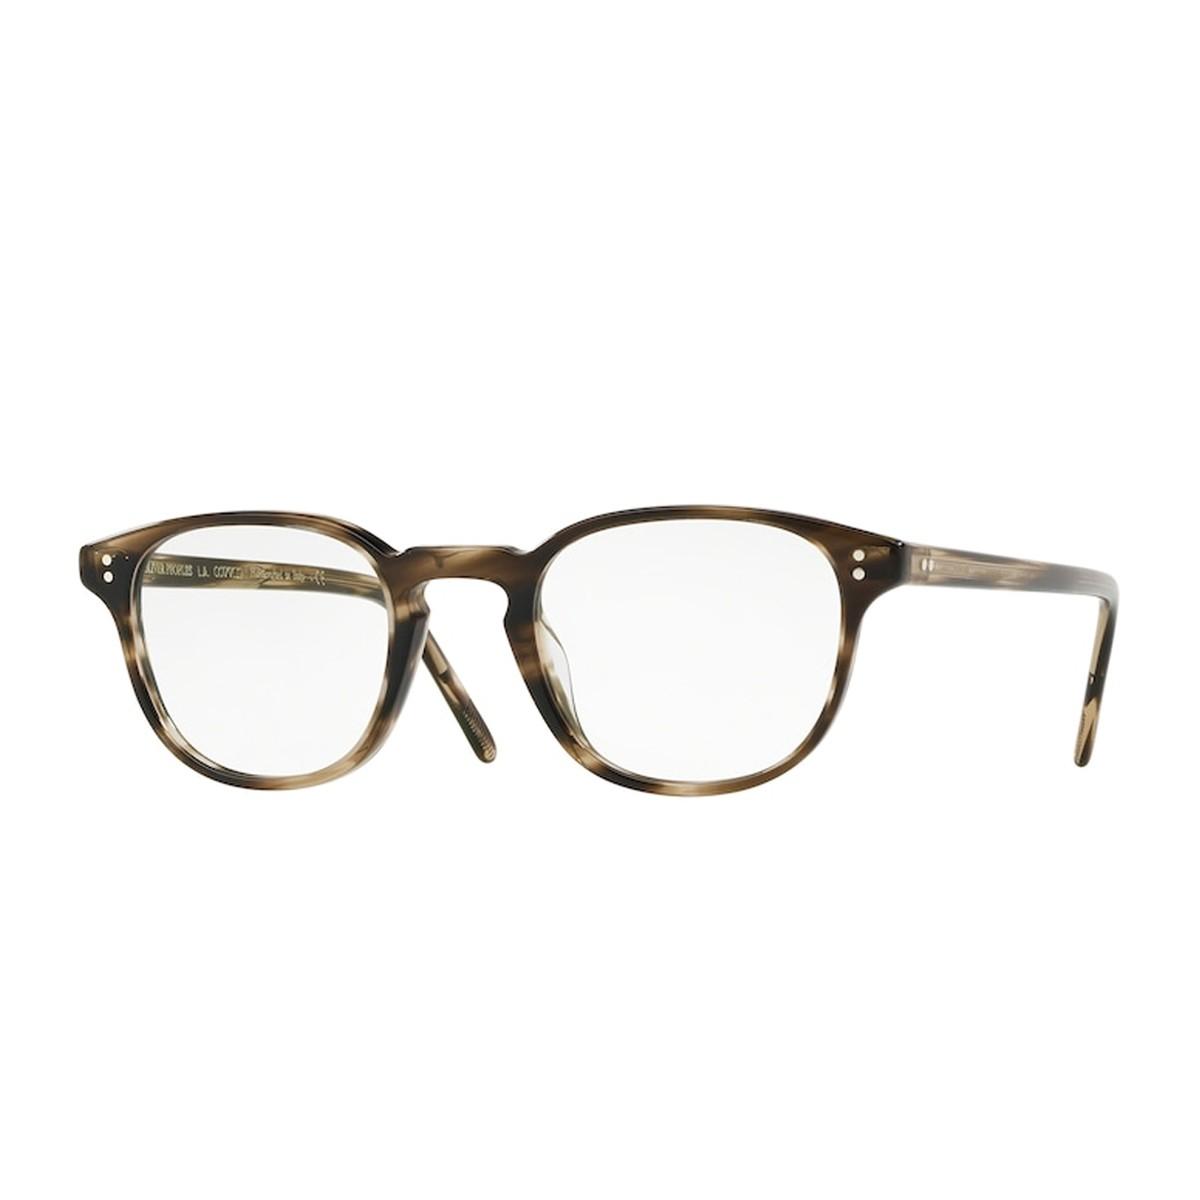 Oliver Peoples OV5219 | Men's eyeglasses